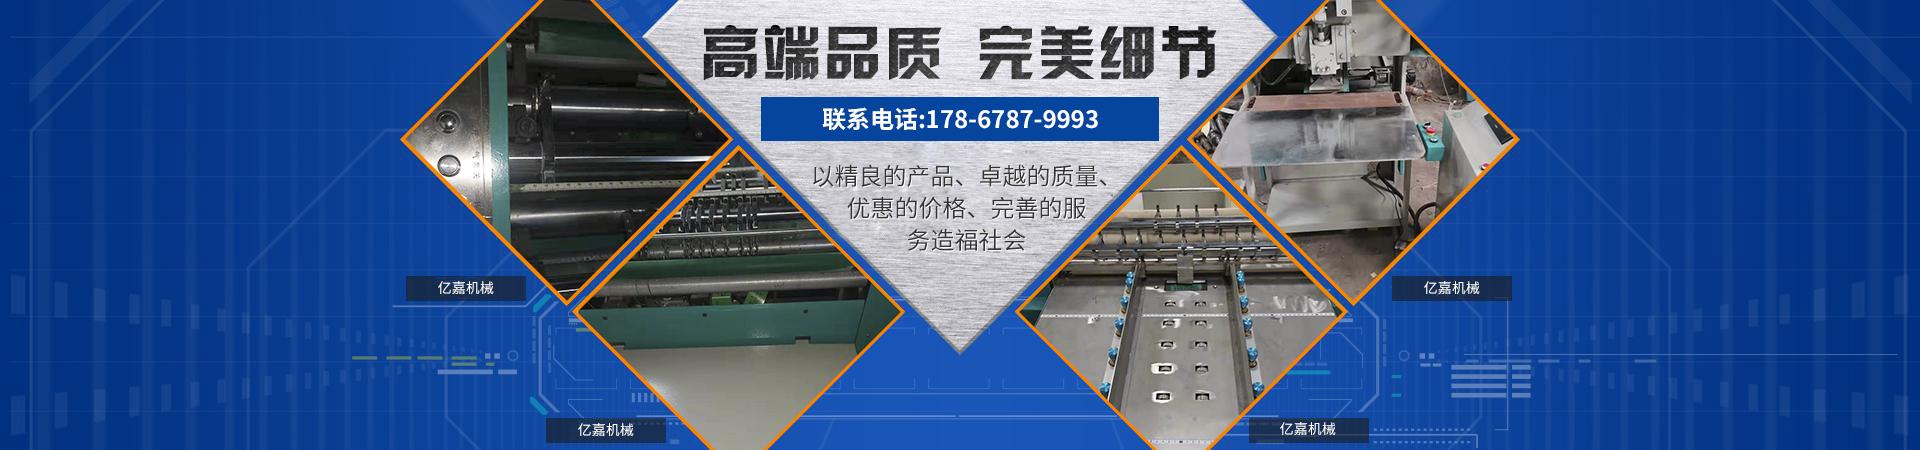 香港六盒彩官方网